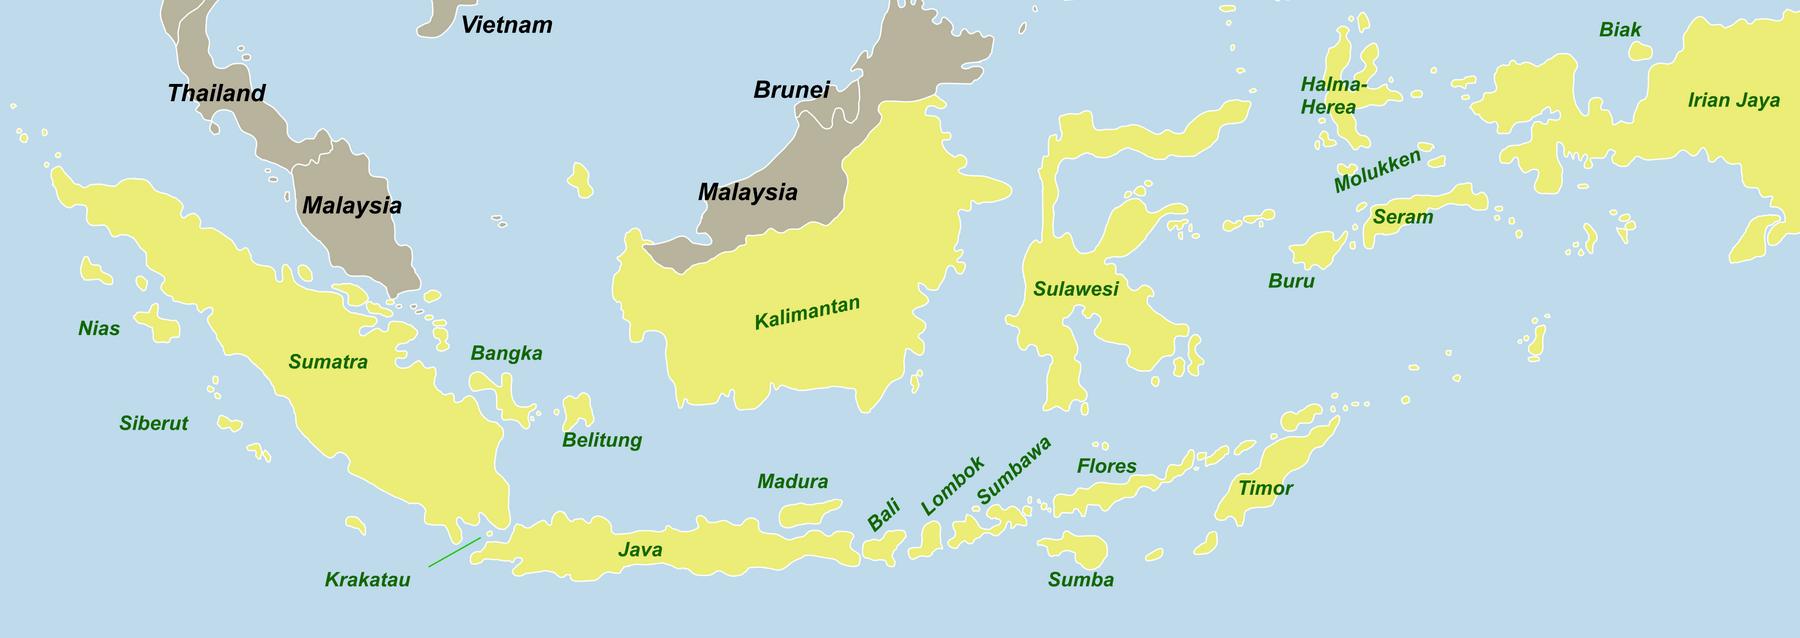 Indonesien Traumurlaub anspruchsvoll mit dem Reiseveranstalter reisefieber planen und reisen.